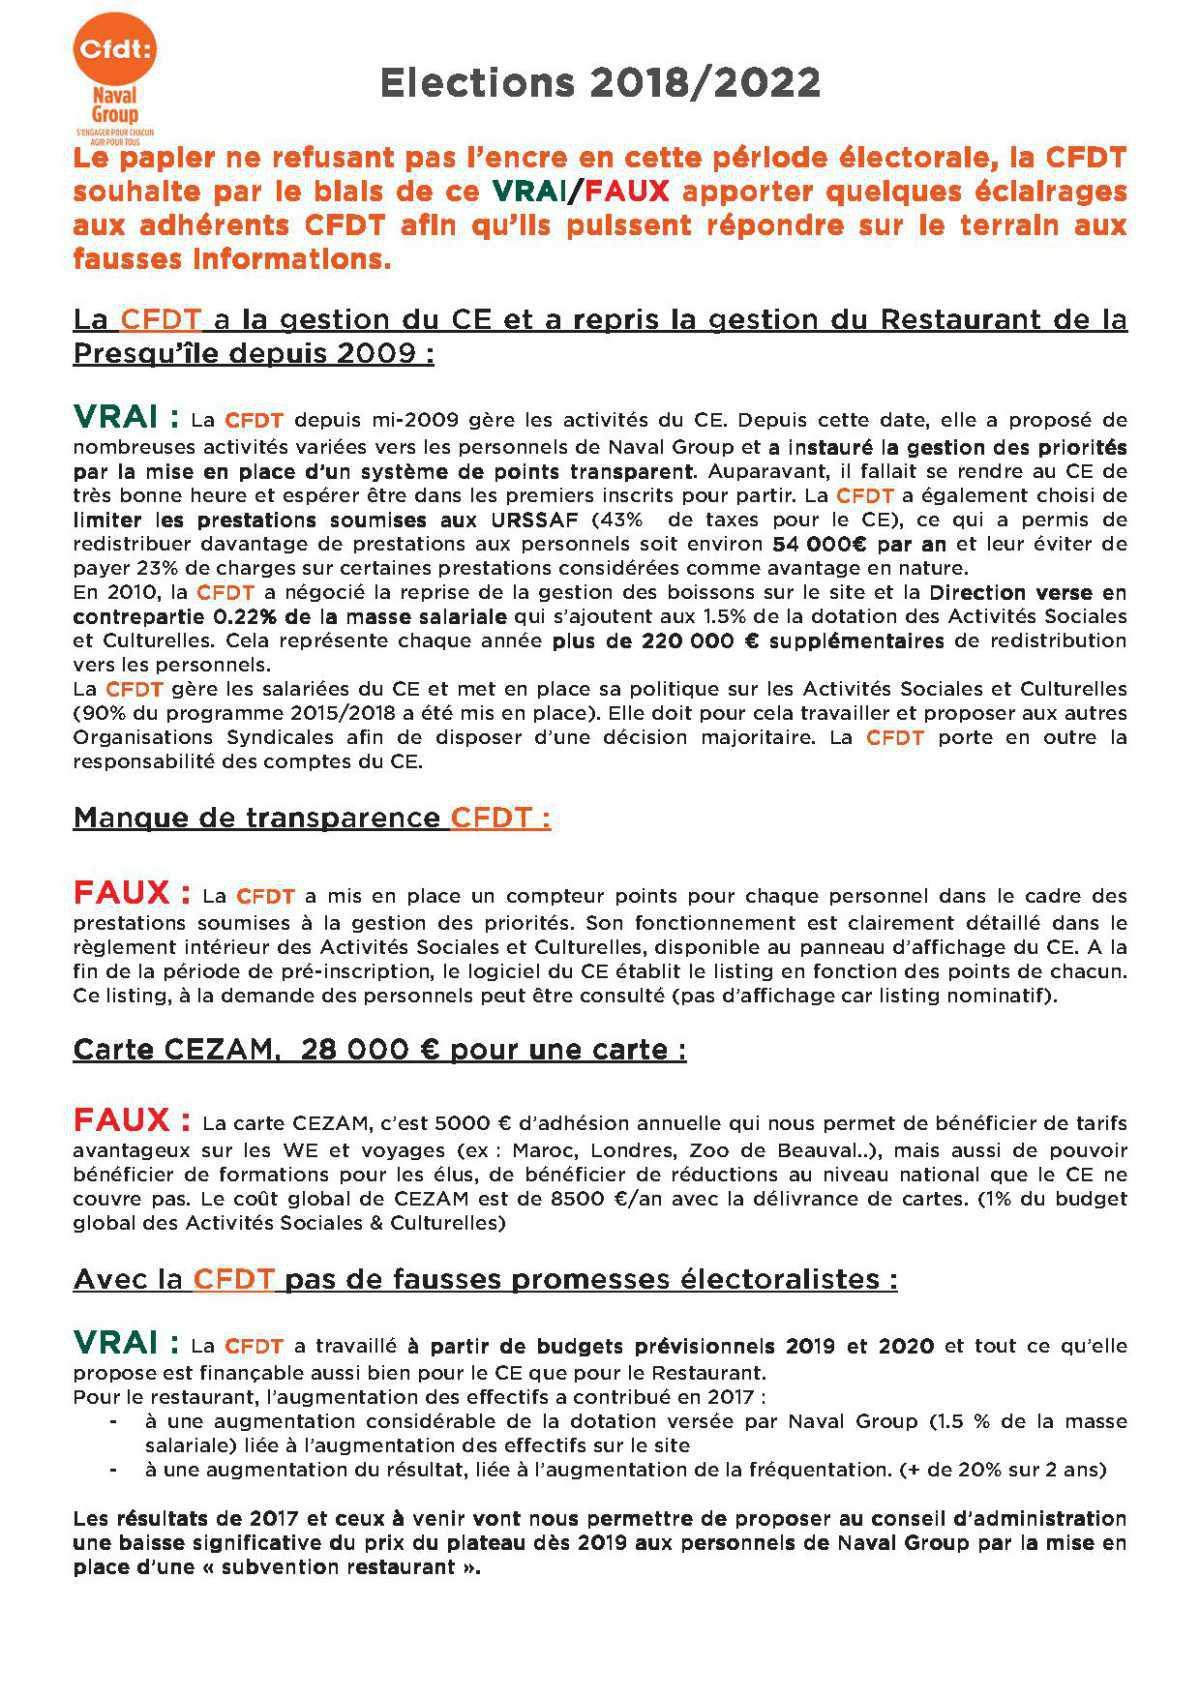 Election 2018/2022 le VRAI/FAUX